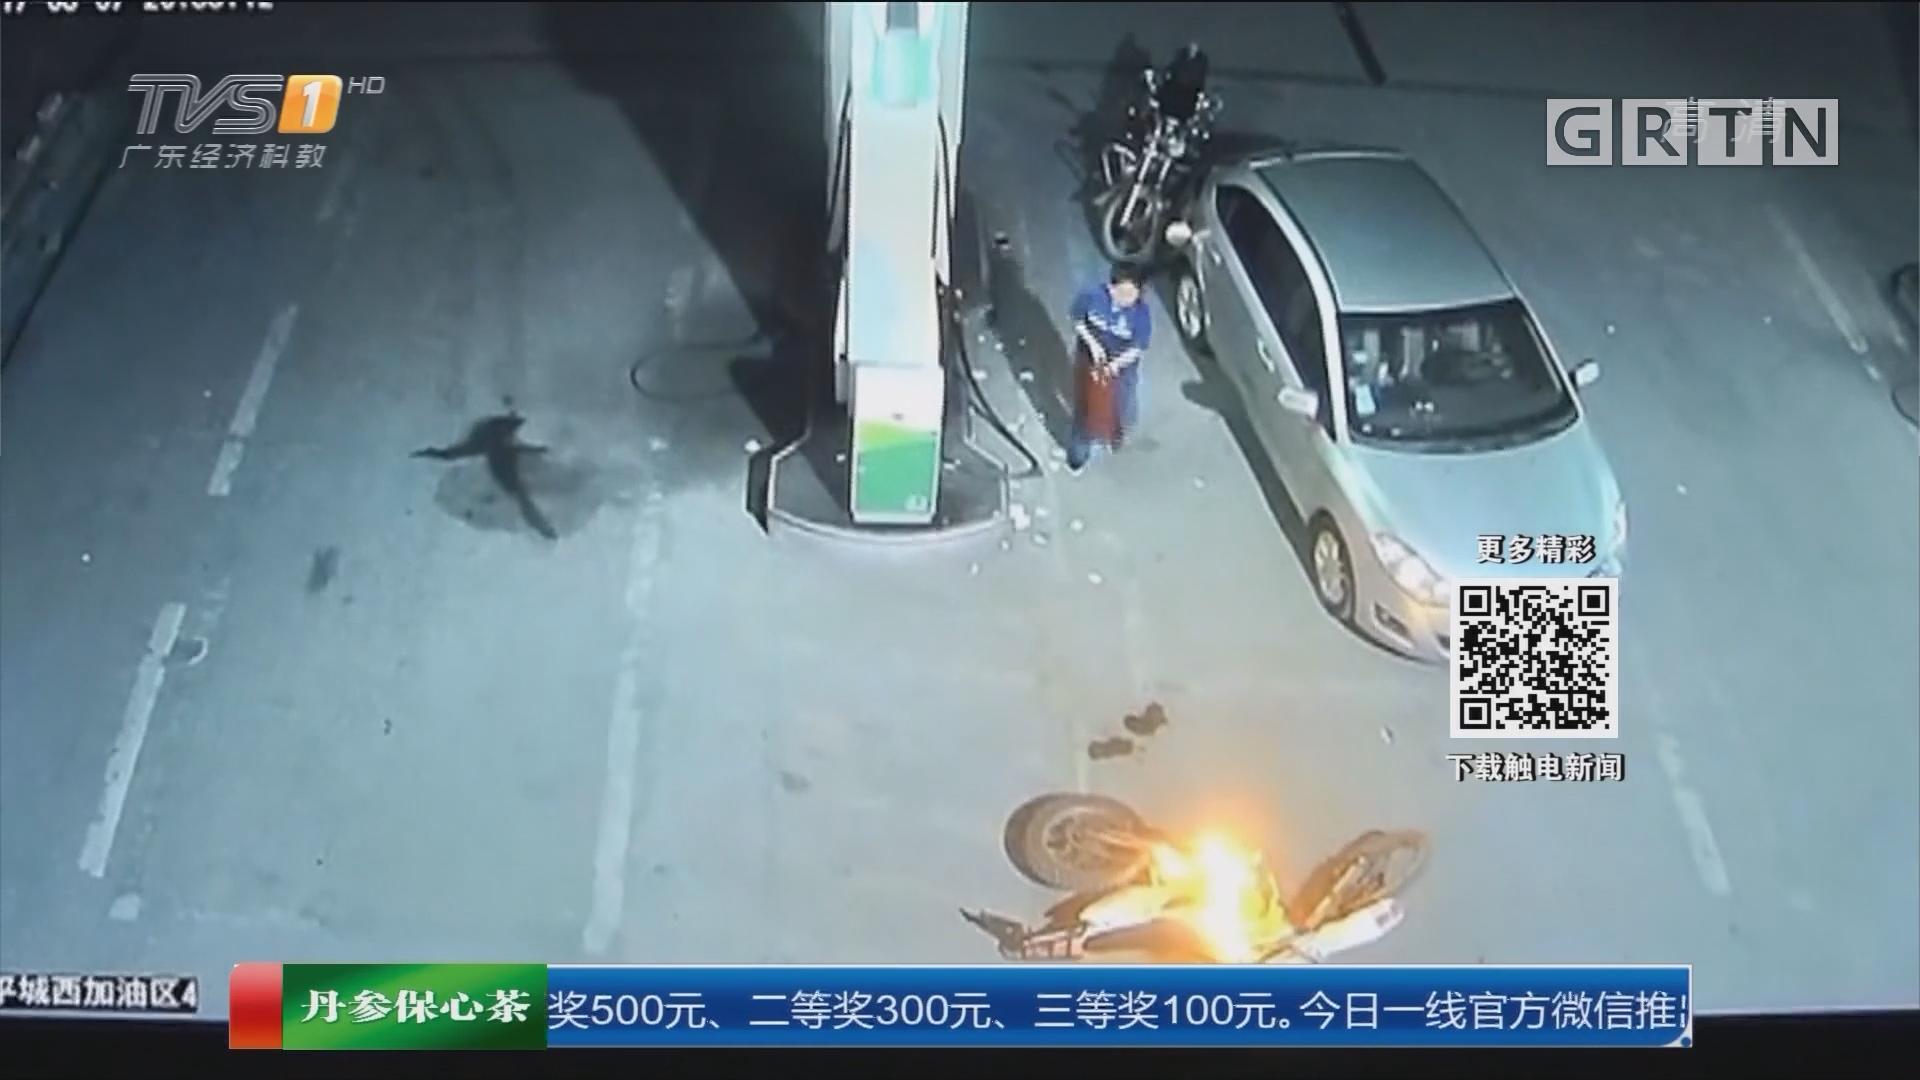 江西:加油站内车起火 女员工果断处置